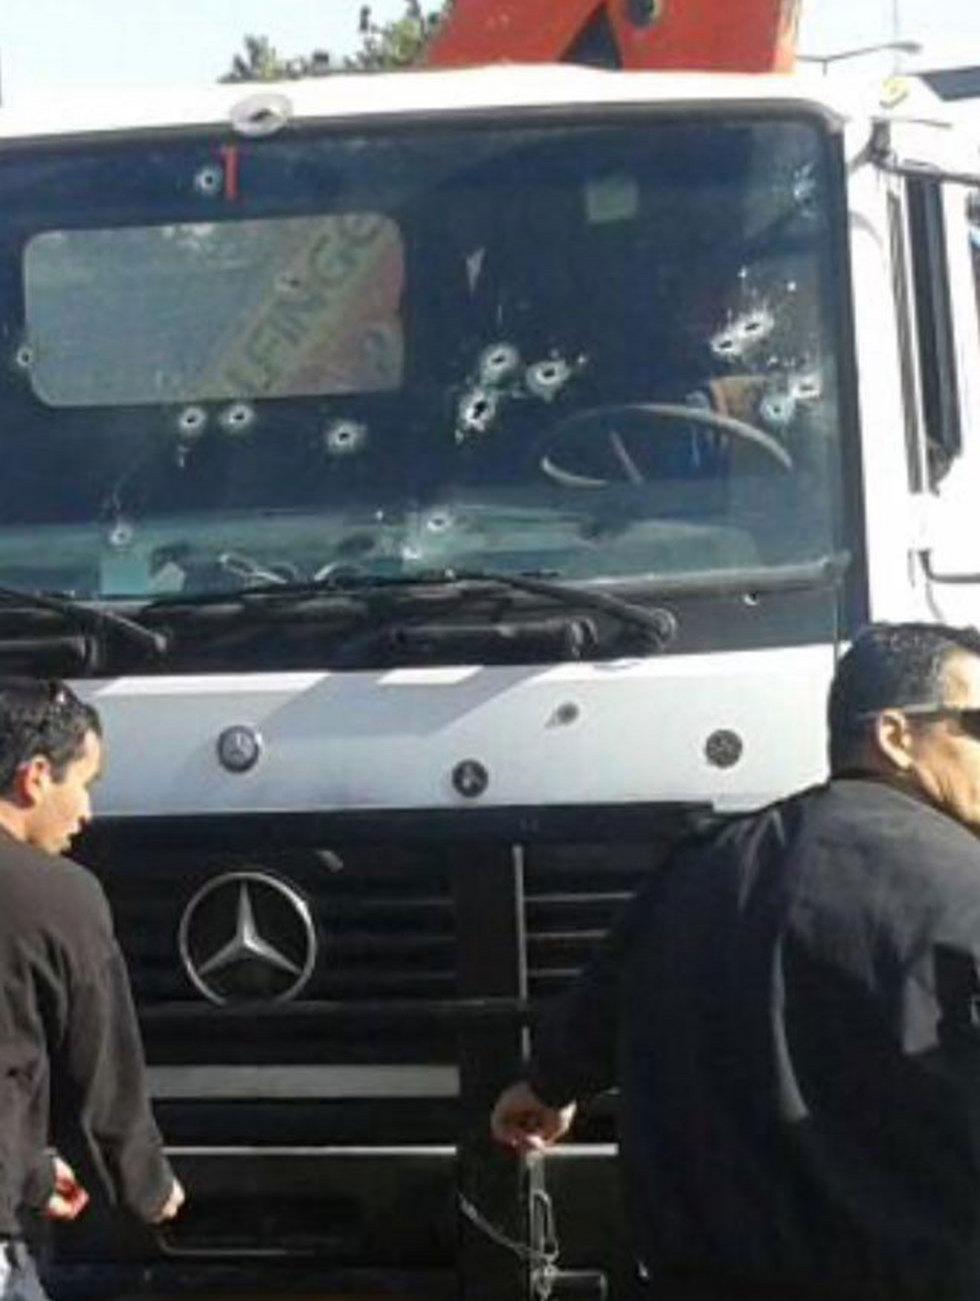 המשאית שבאמצעותה בוצע הפיגוע (צילום: מדברים תקשורת) (צילום: מדברים תקשורת)